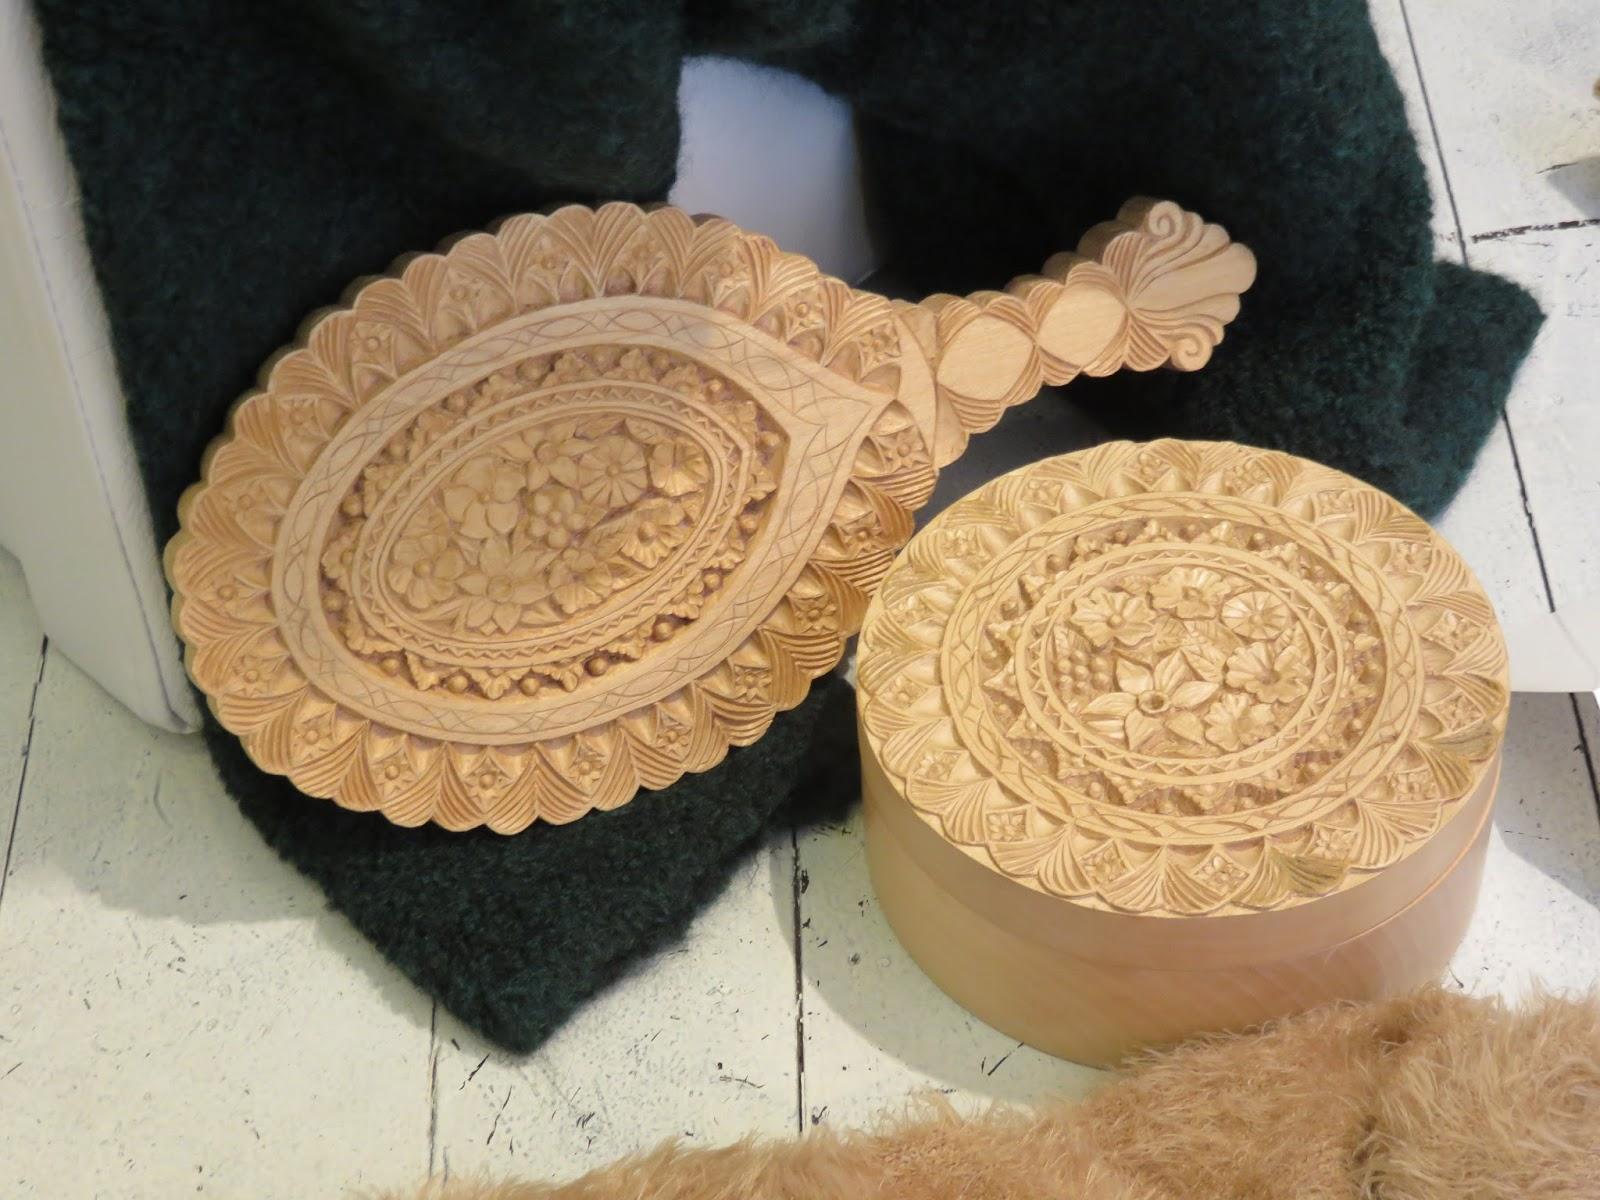 Chip carving intaglio del legno a coltello di rita arcaleni email rcln01a evento - Assi vimercate piastrelle ...